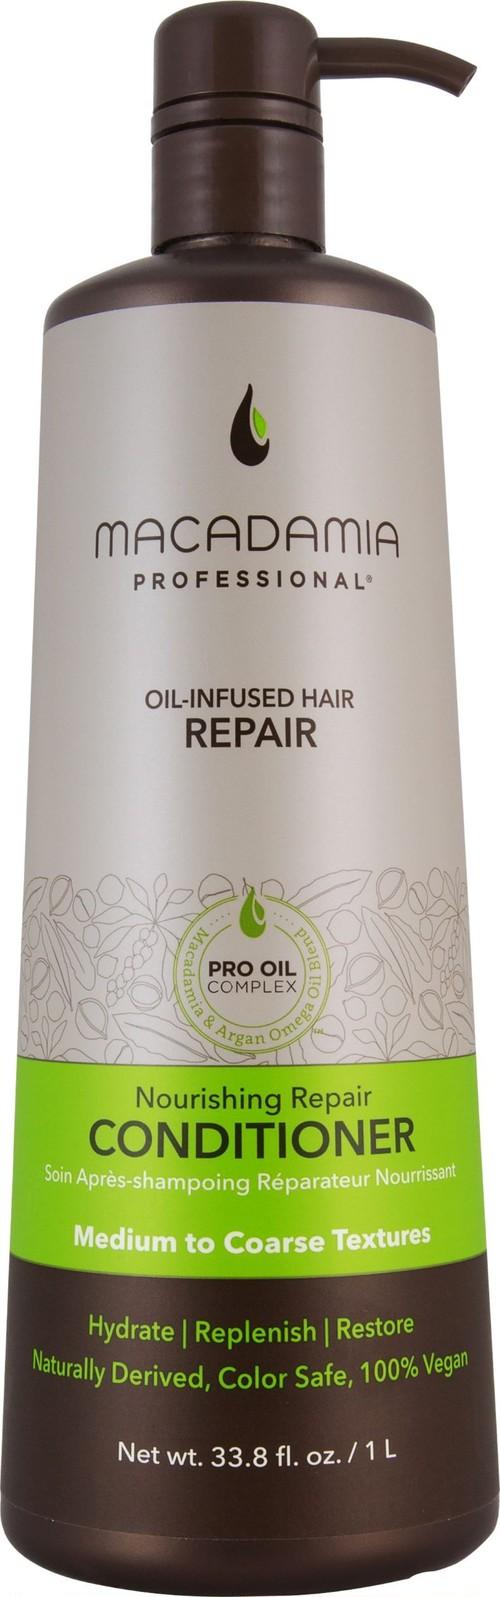 普通の髪、傷んだ髪コンディショナー MNO Pro NRGモイスチャー コンディショナー 1L